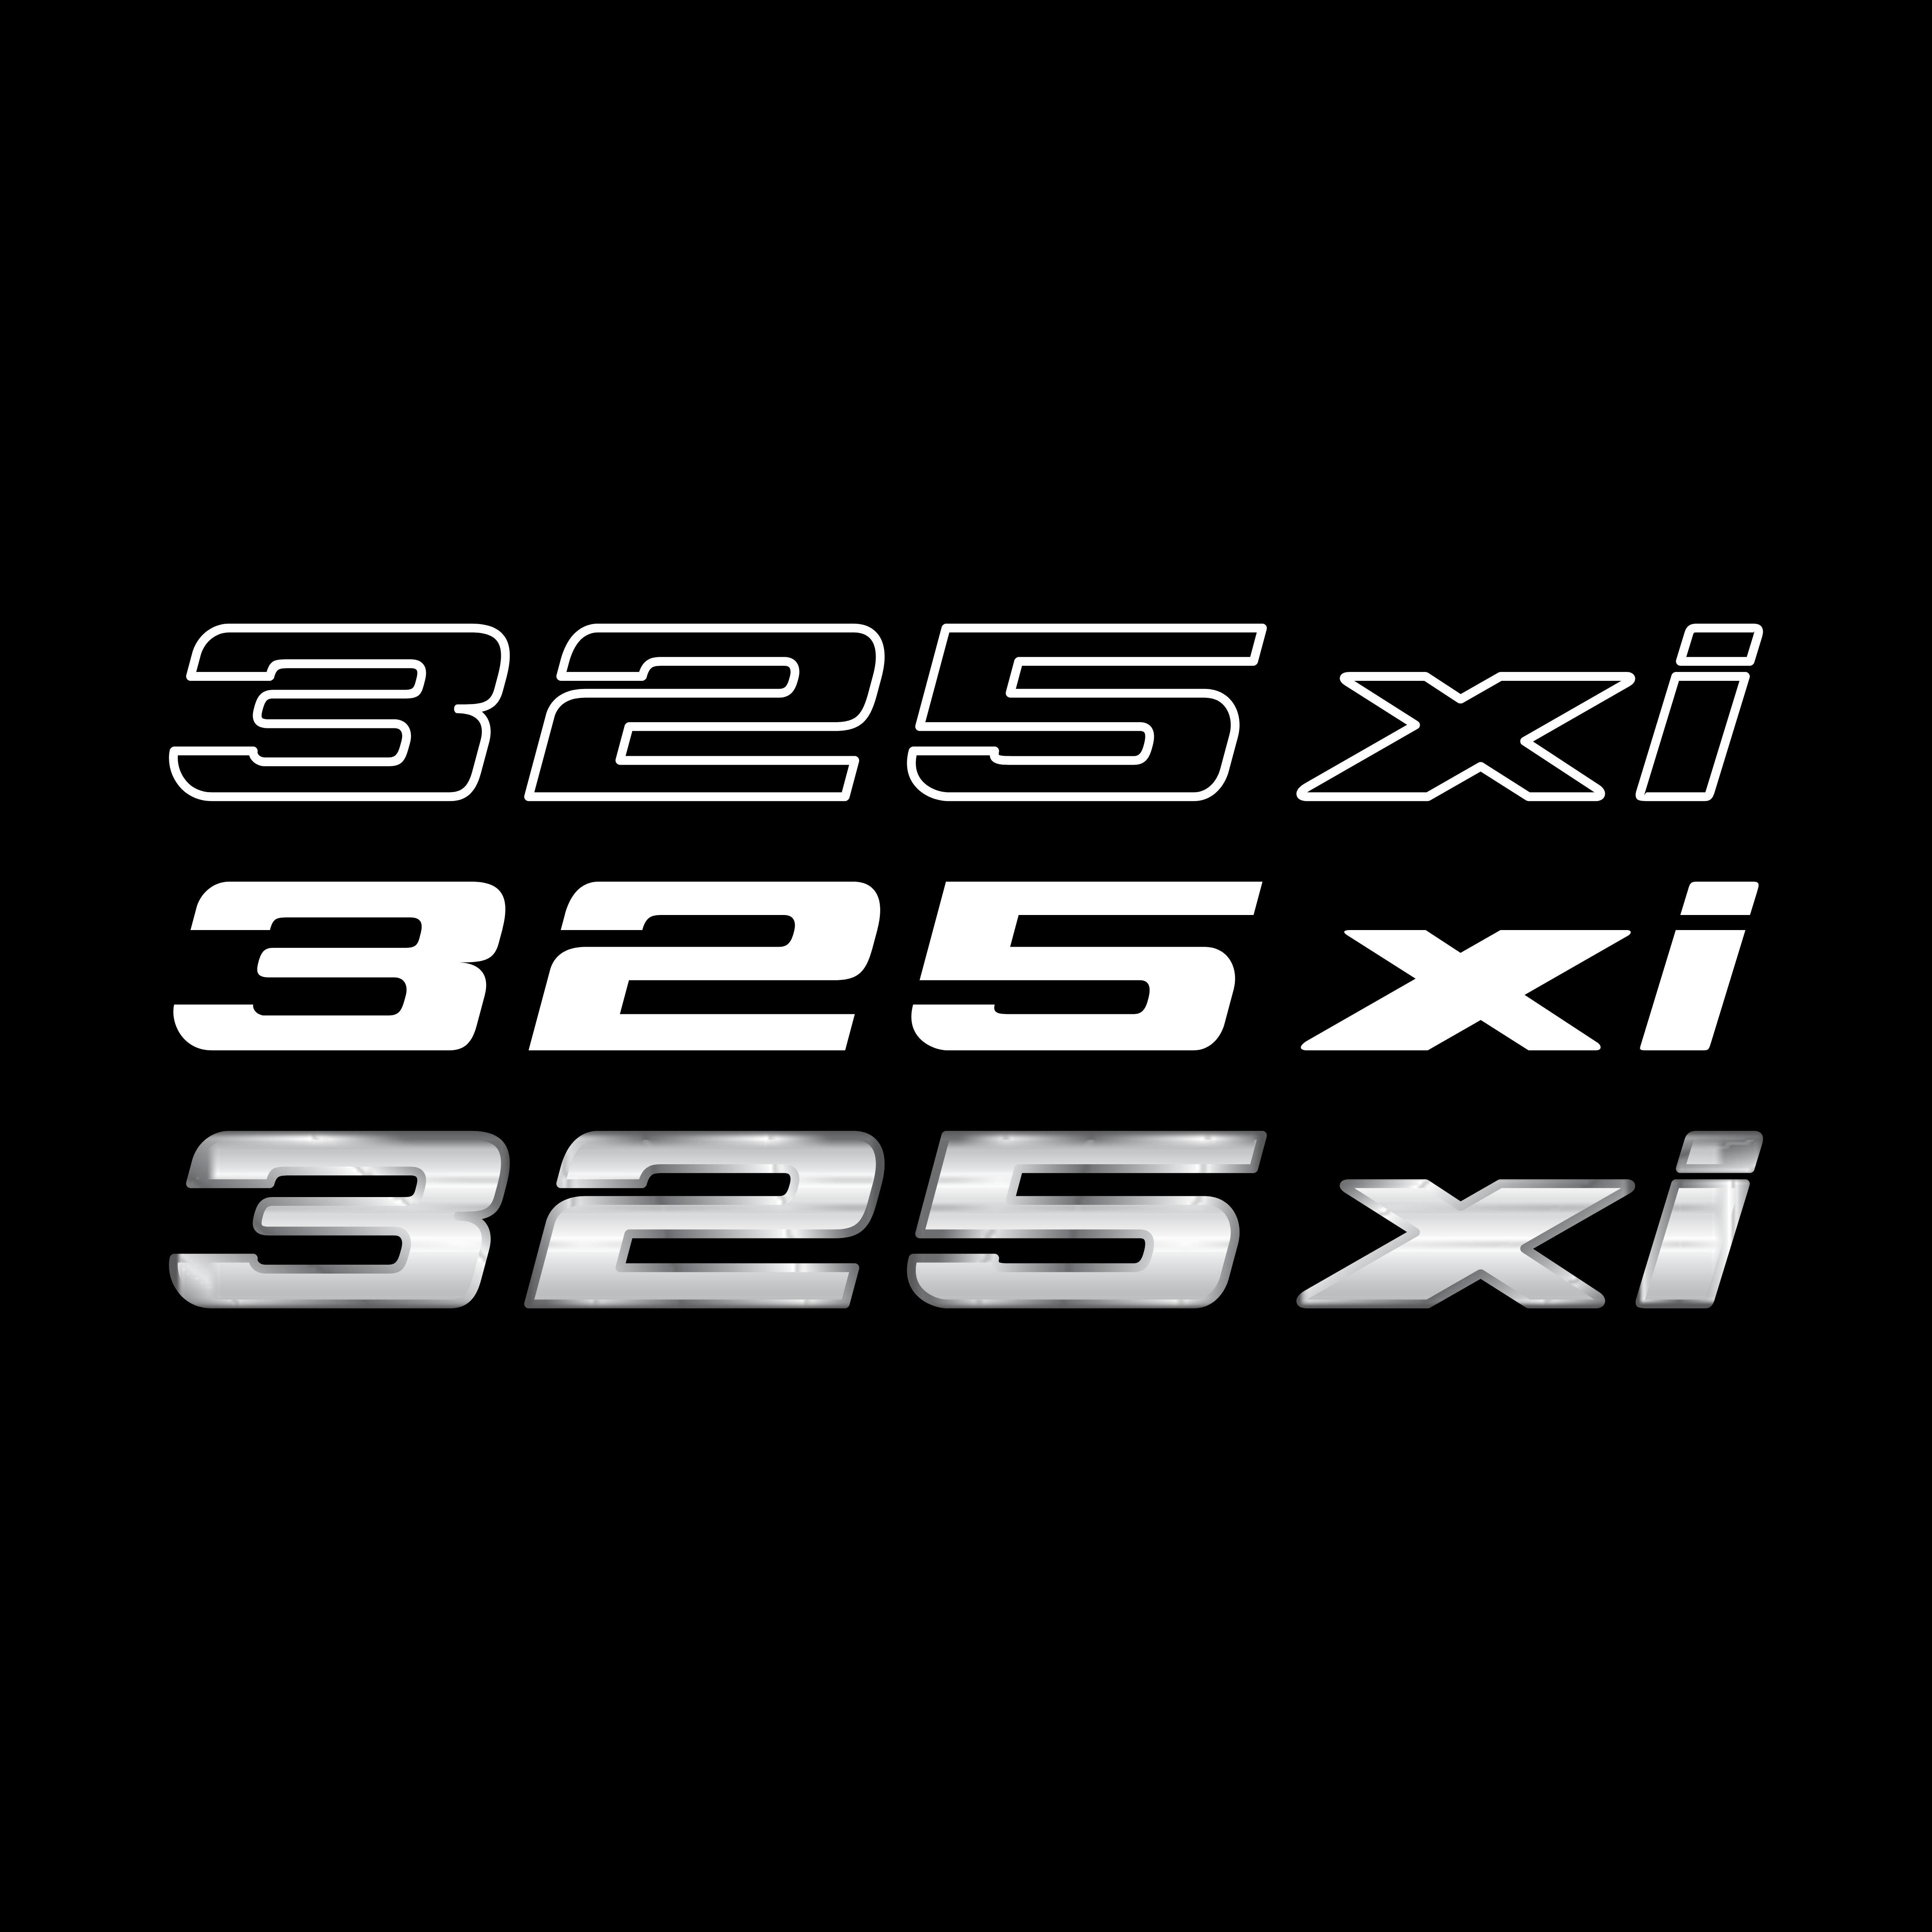 Bmw Xi: Logos Download